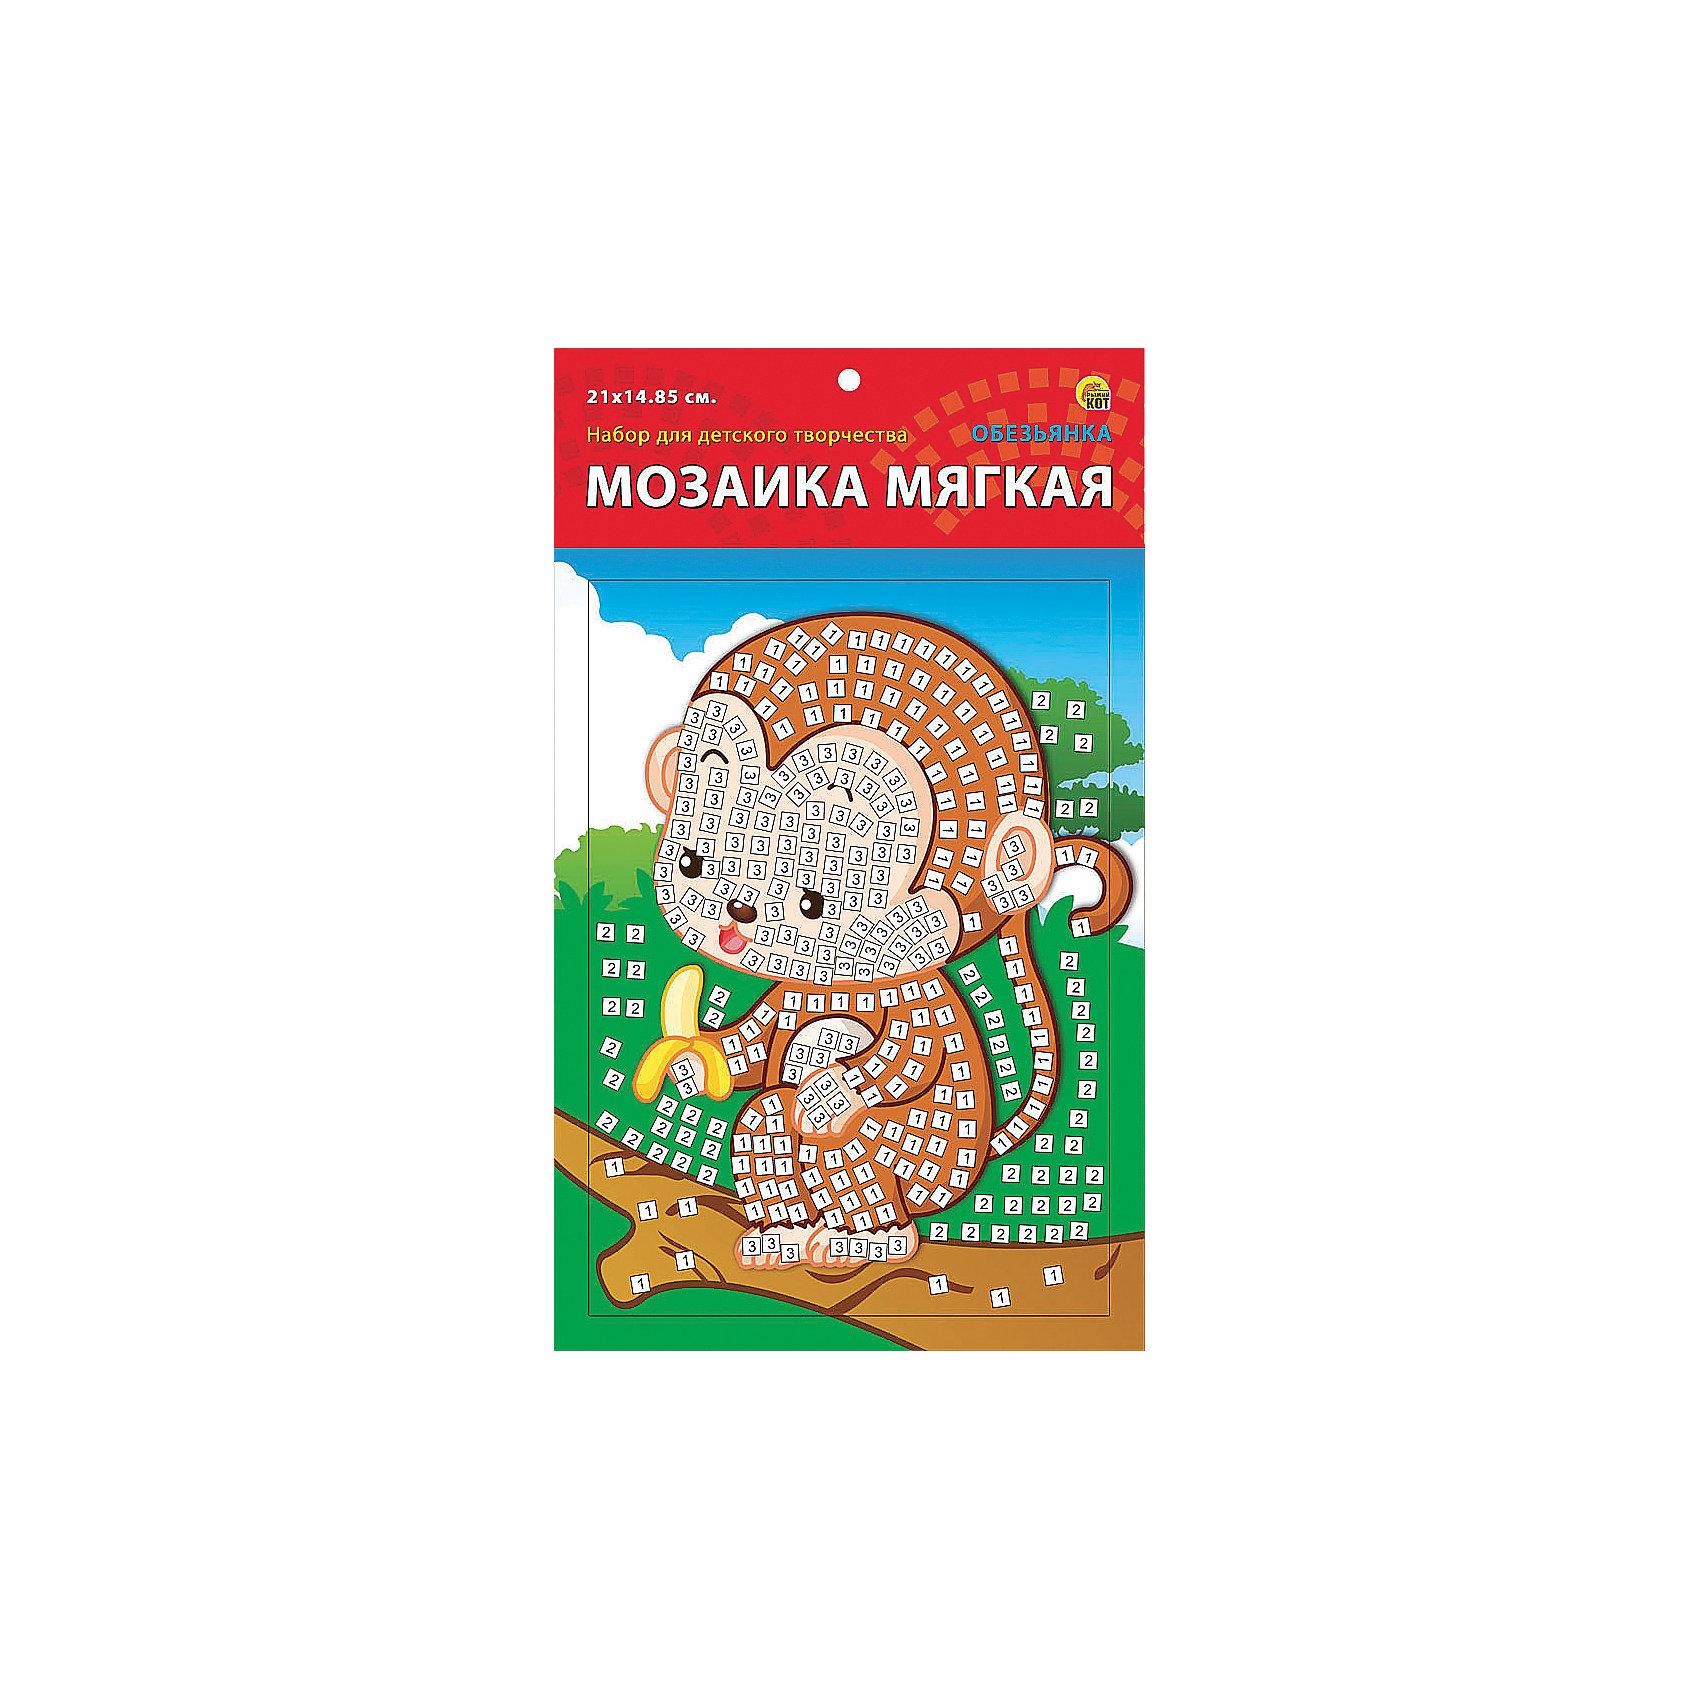 Издательство Рыжий кот Мягкая мозаика Обезьянка формат А5 (21х15 см) издательство рыжий кот мягкая мозаика обезьянка формат а5 21х15 см